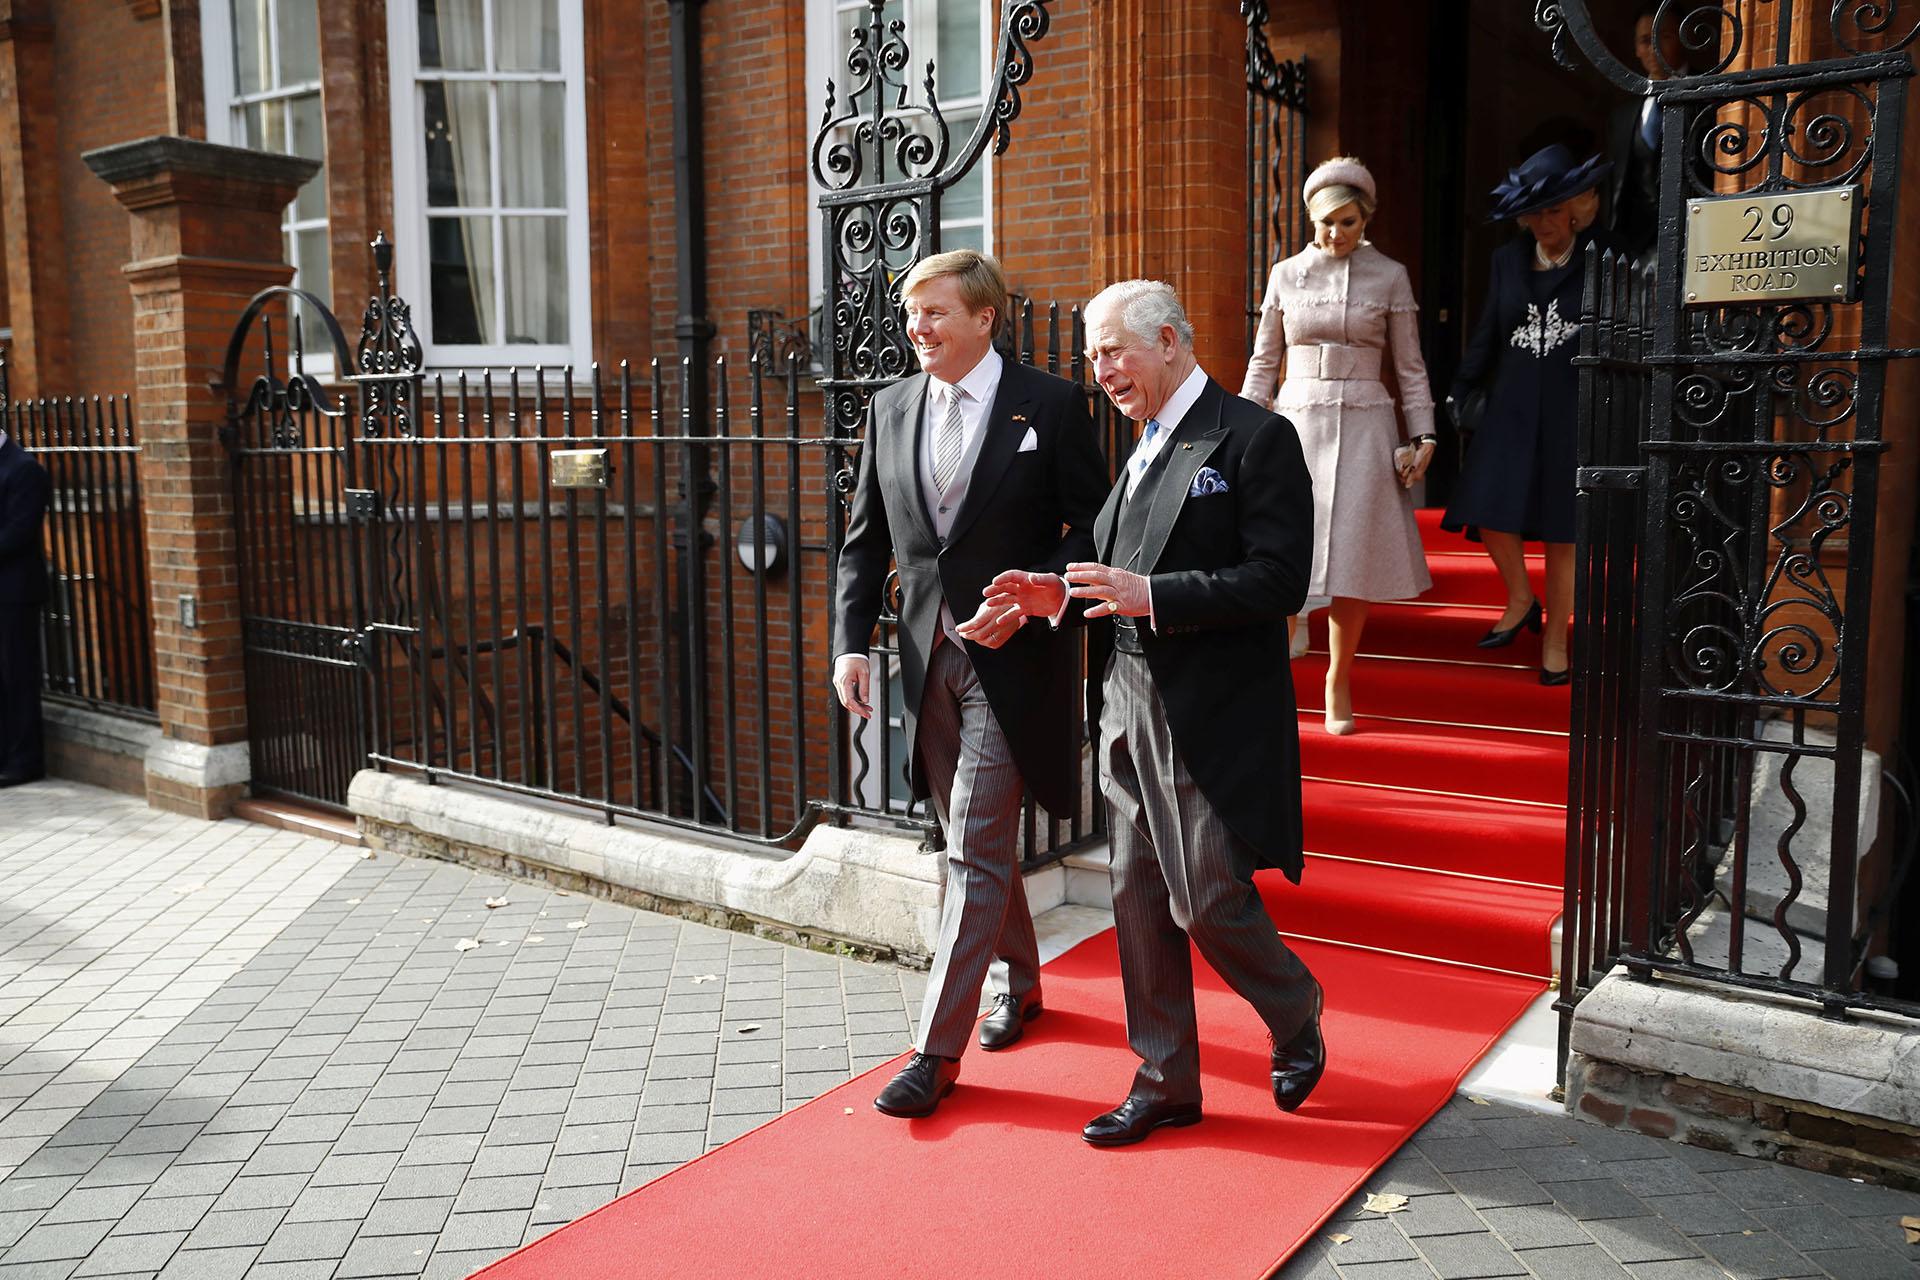 El príncipe Carlos, heredero al trono británico, y su mujer, Camilla, duquesa de Cornualles, acompañaron a los reyes de Holanda desde la embajada de su país en Londres hasta la sede de la guardia real, cerca de la residencia de Downing Street.